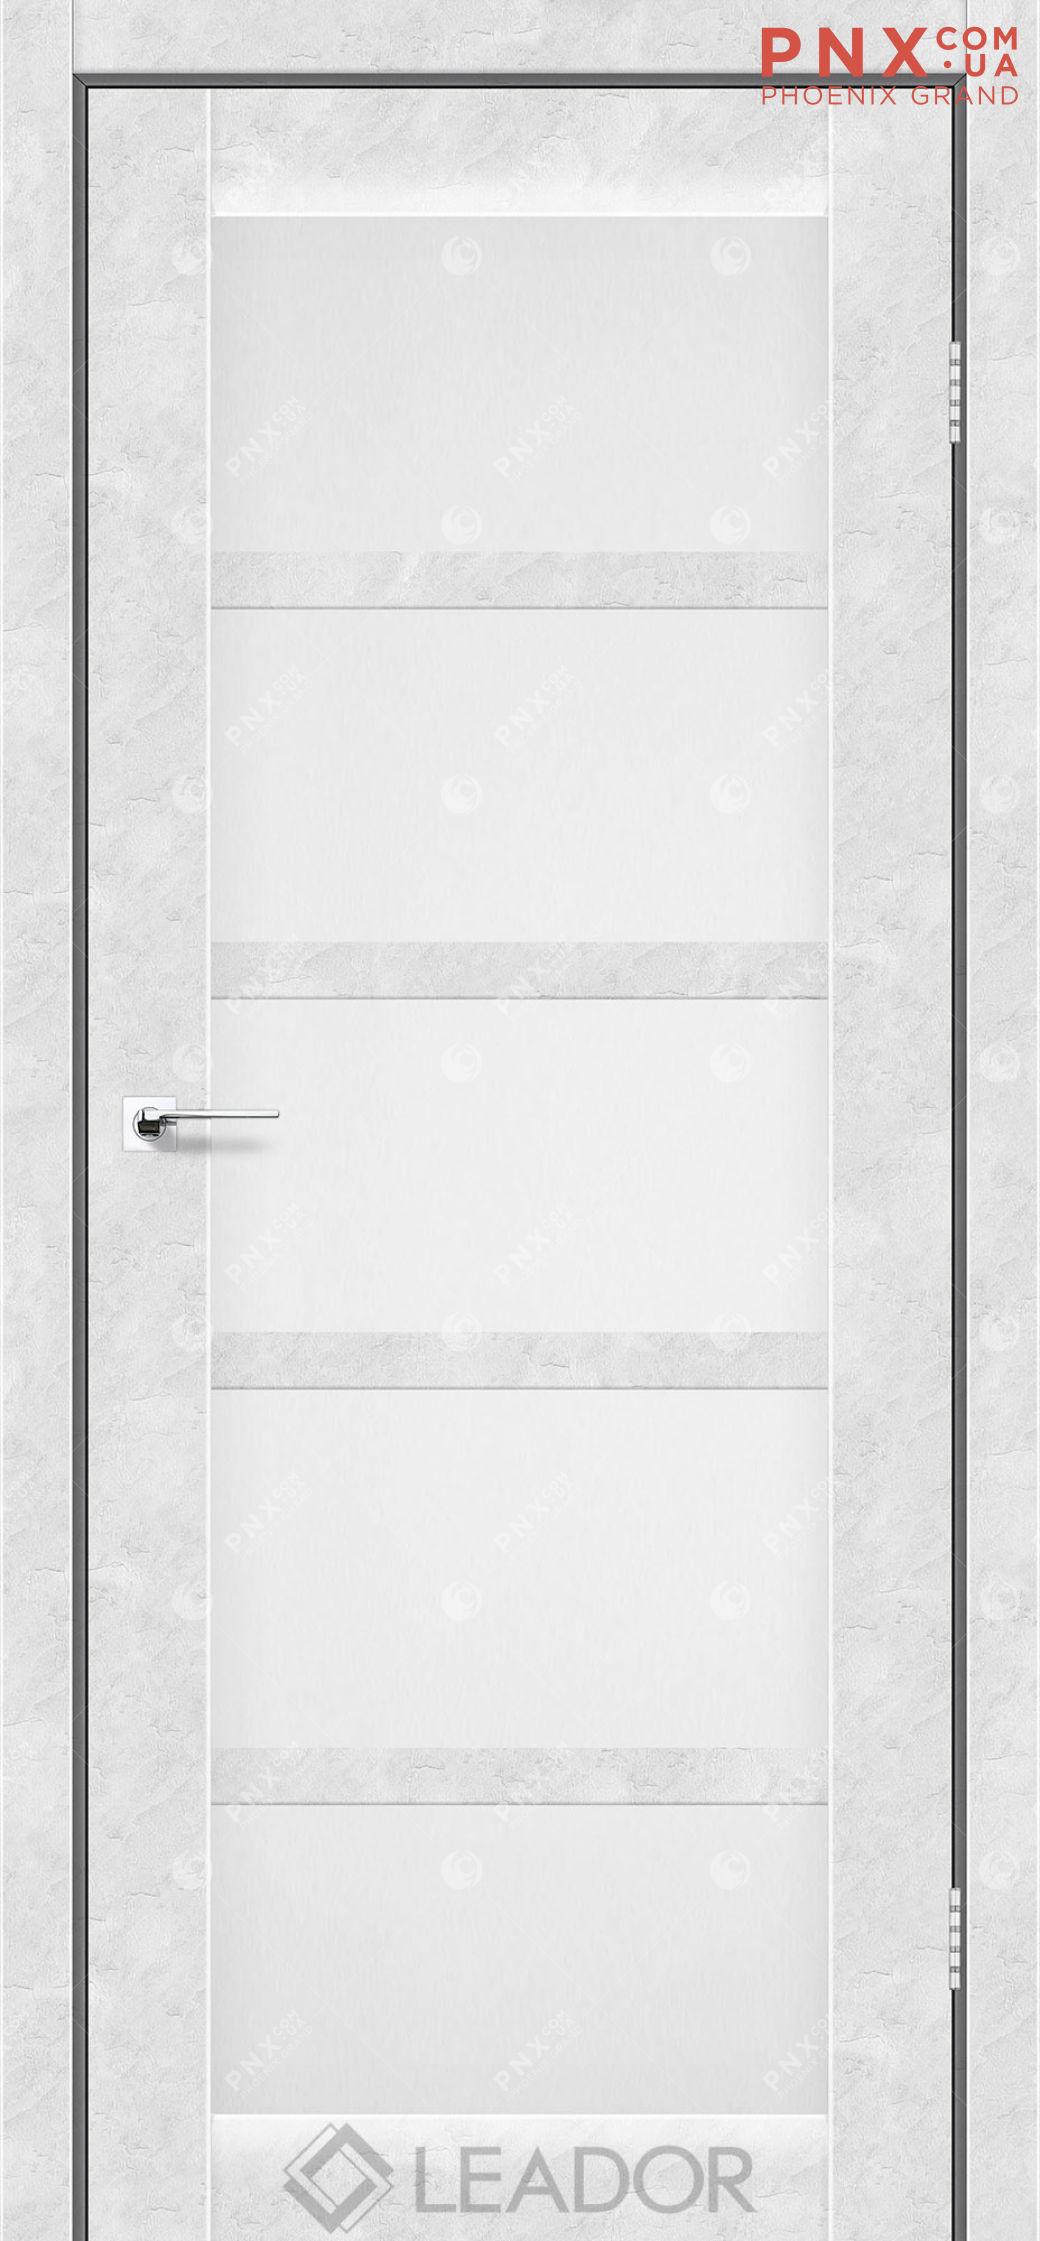 Межкомнатная дверь LEADOR Veneto, Бетон Белый, Белое стекло сатин